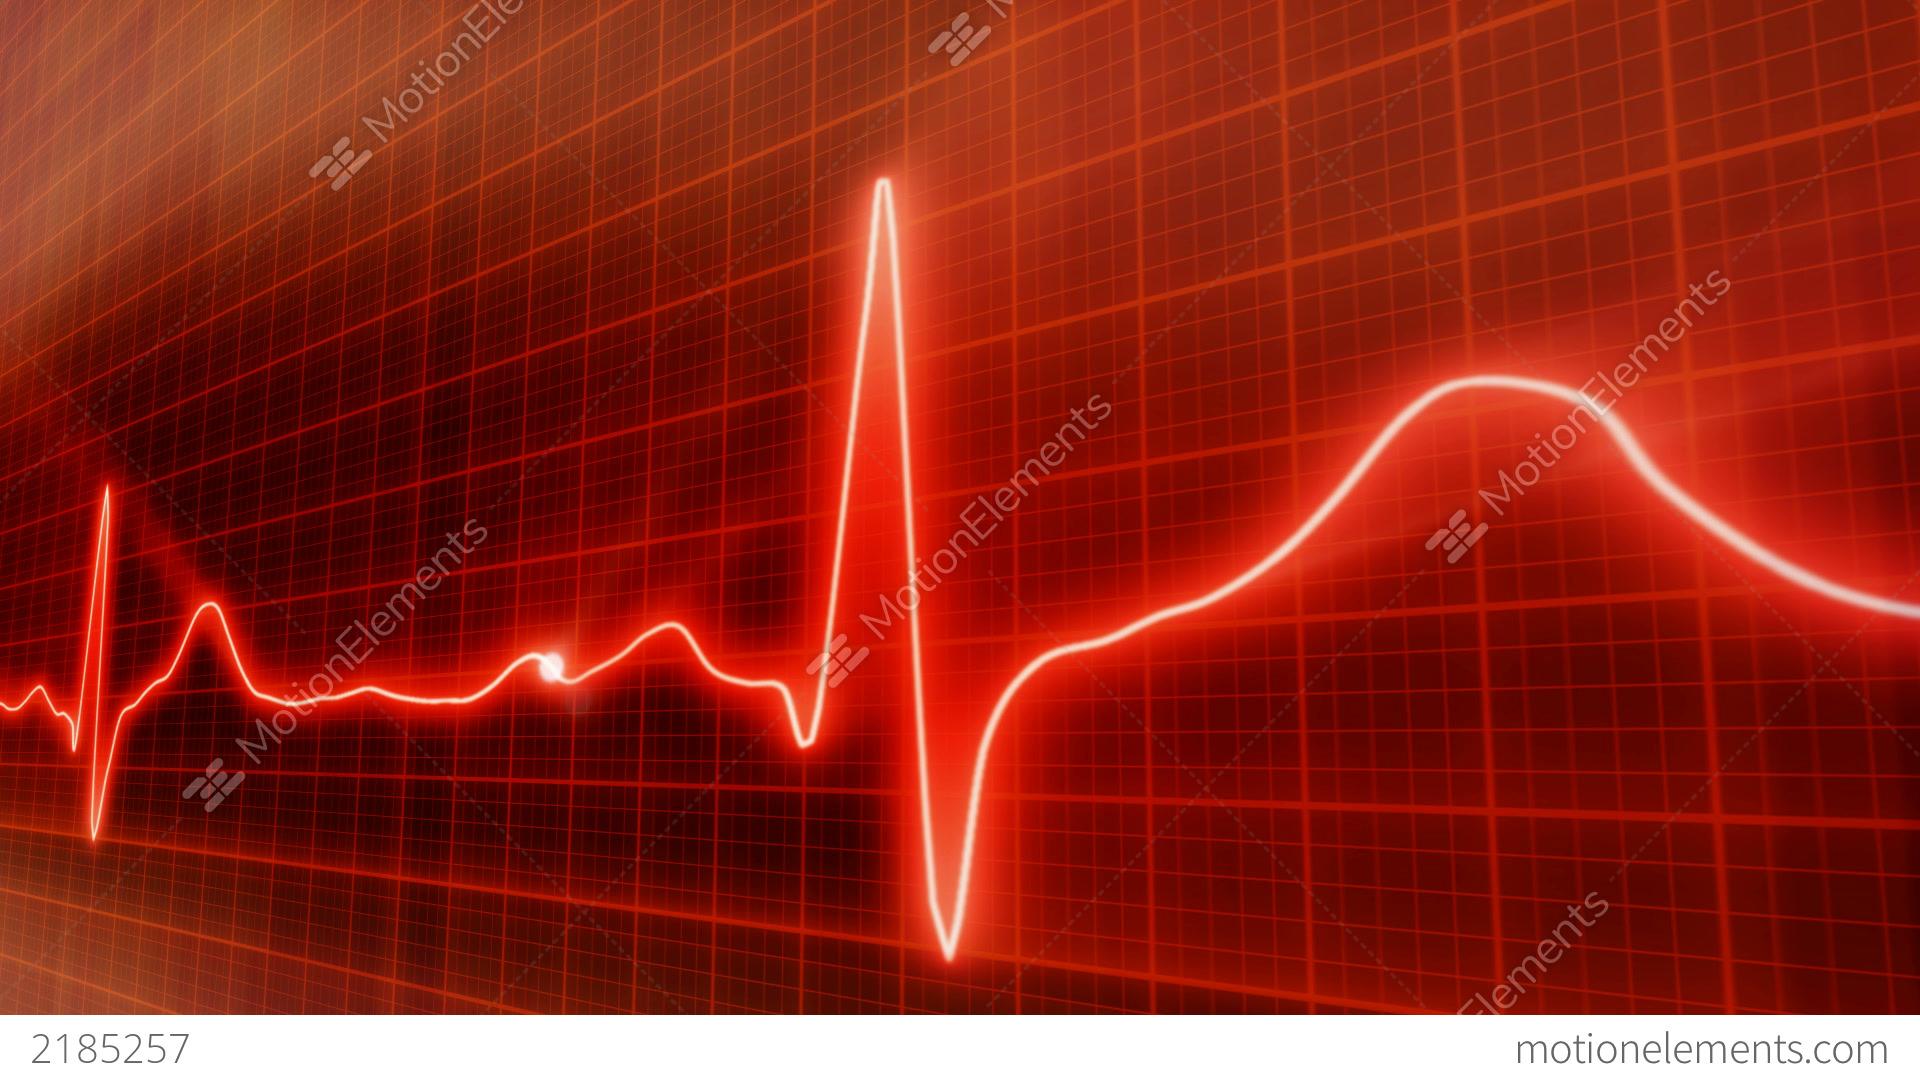 seamless loop red background ekg electrocardiogram stock